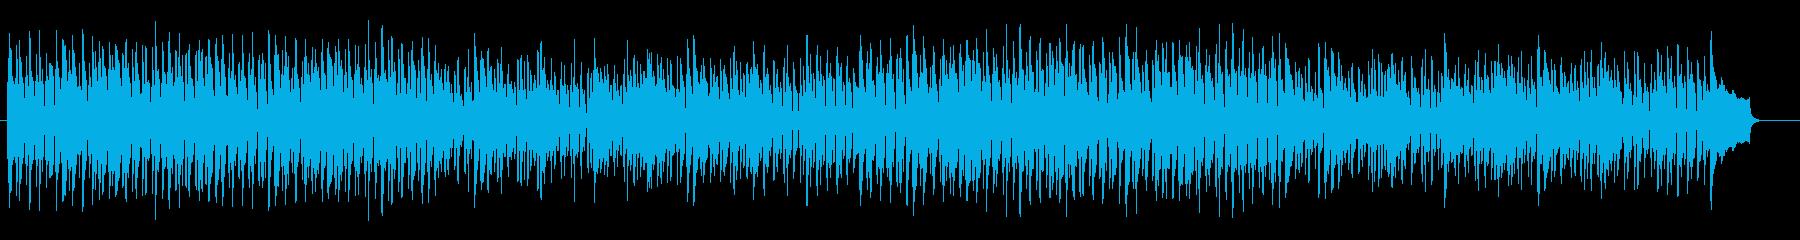 激しいストリングスが特徴のポップスの再生済みの波形